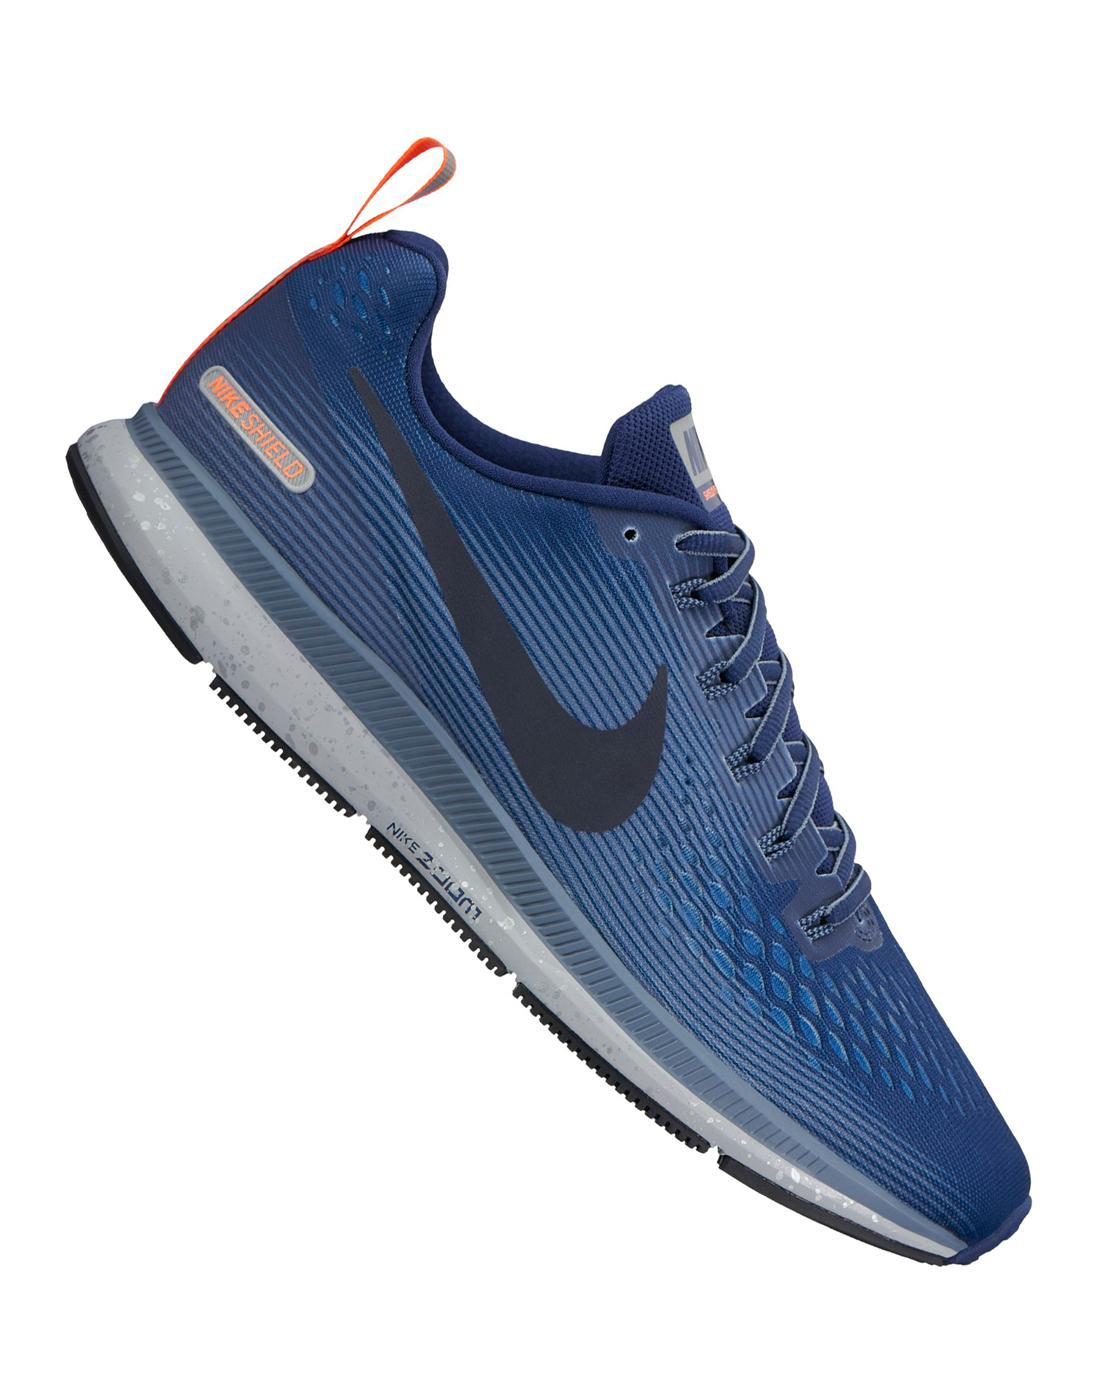 59d8db5031879 Nike Mens Air Zoom Pegasus 34 Shield